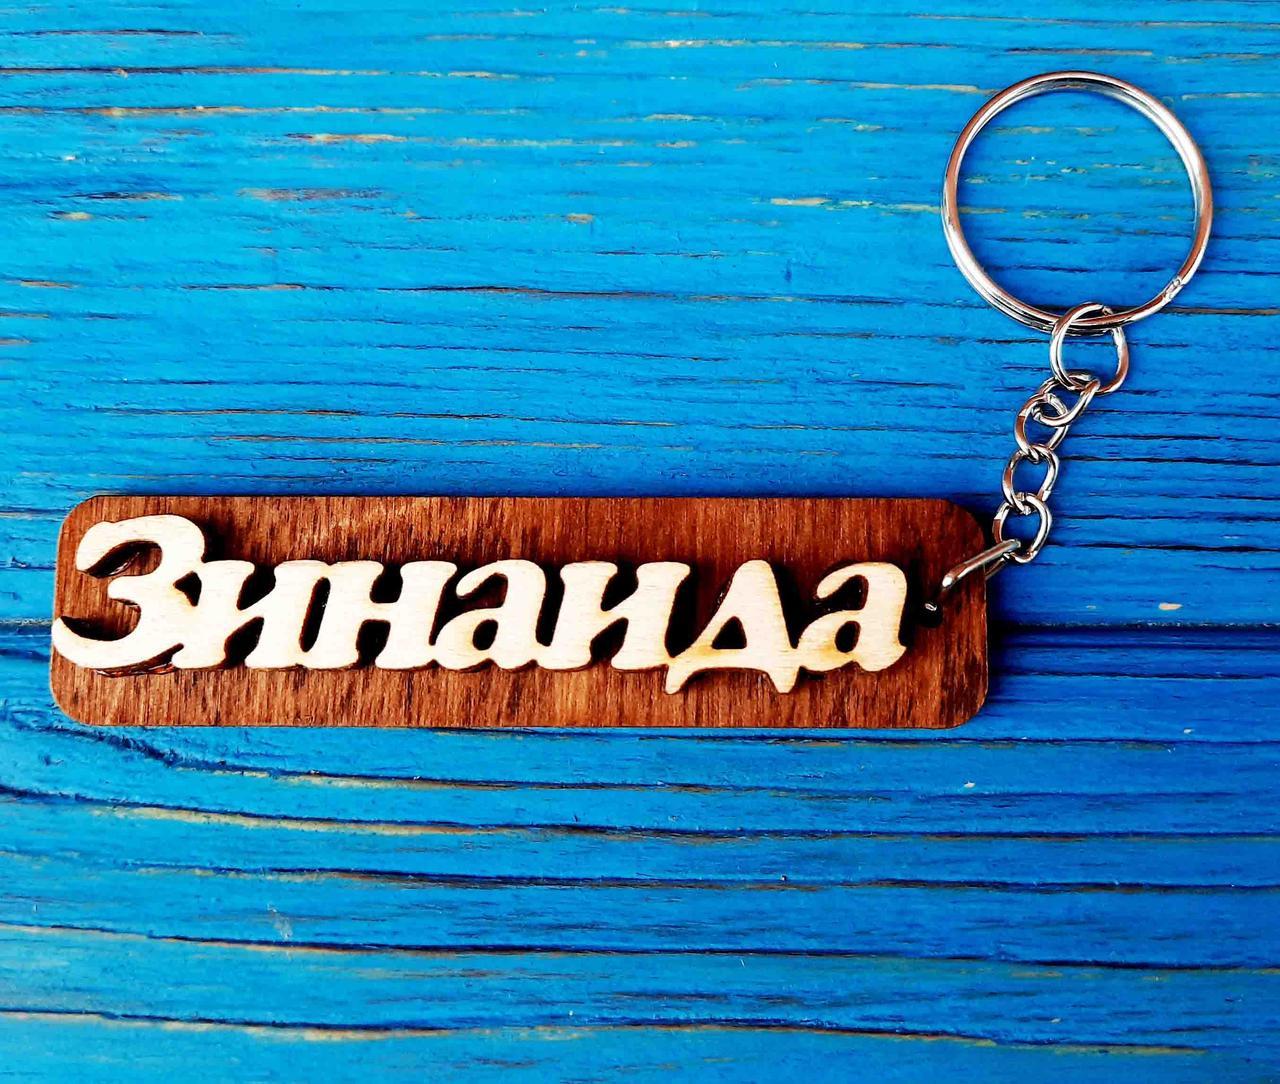 Брелок именной Зинаида. Брелок с именем Зинаида. Брелок деревянный. Брелок для ключей. Брелоки с именами